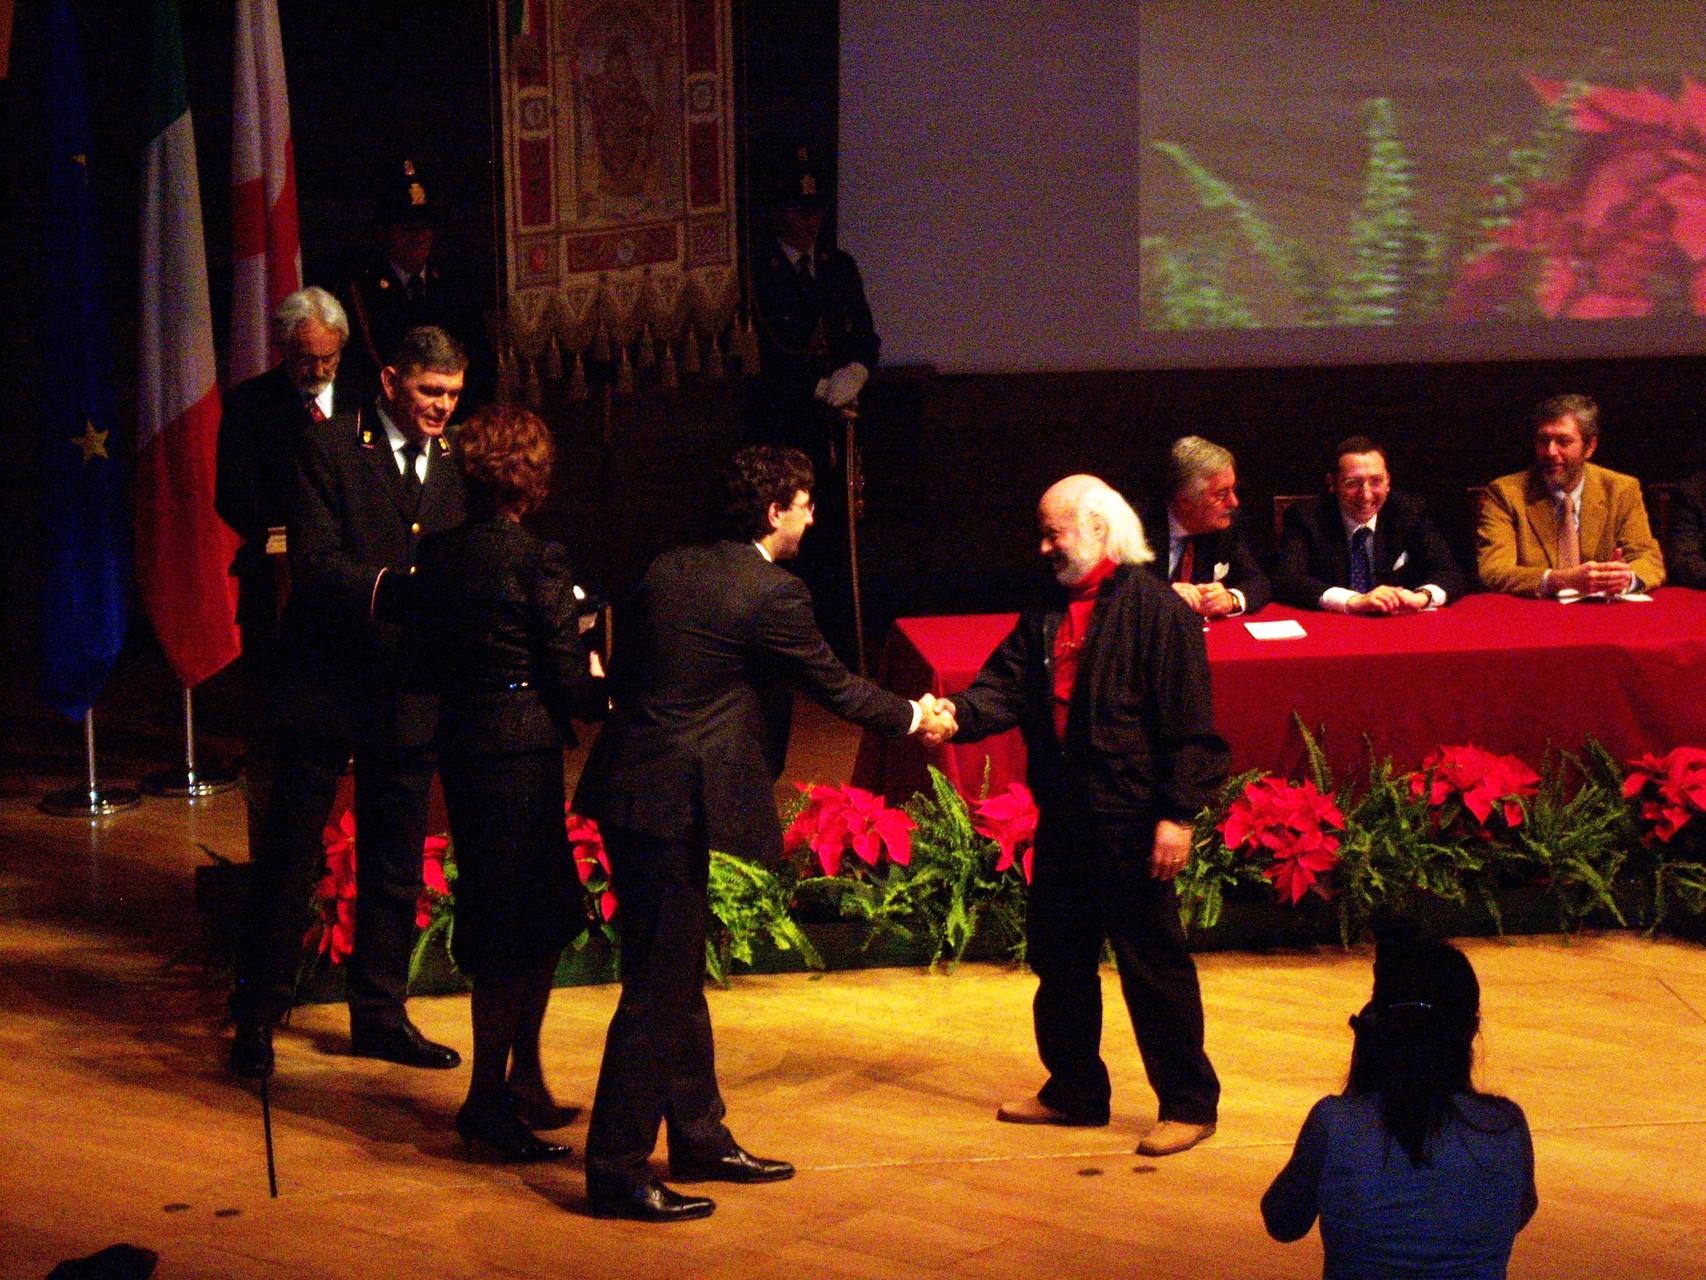 CONSEGNA AMBROGINO D'ORO DICEMBRE 2008